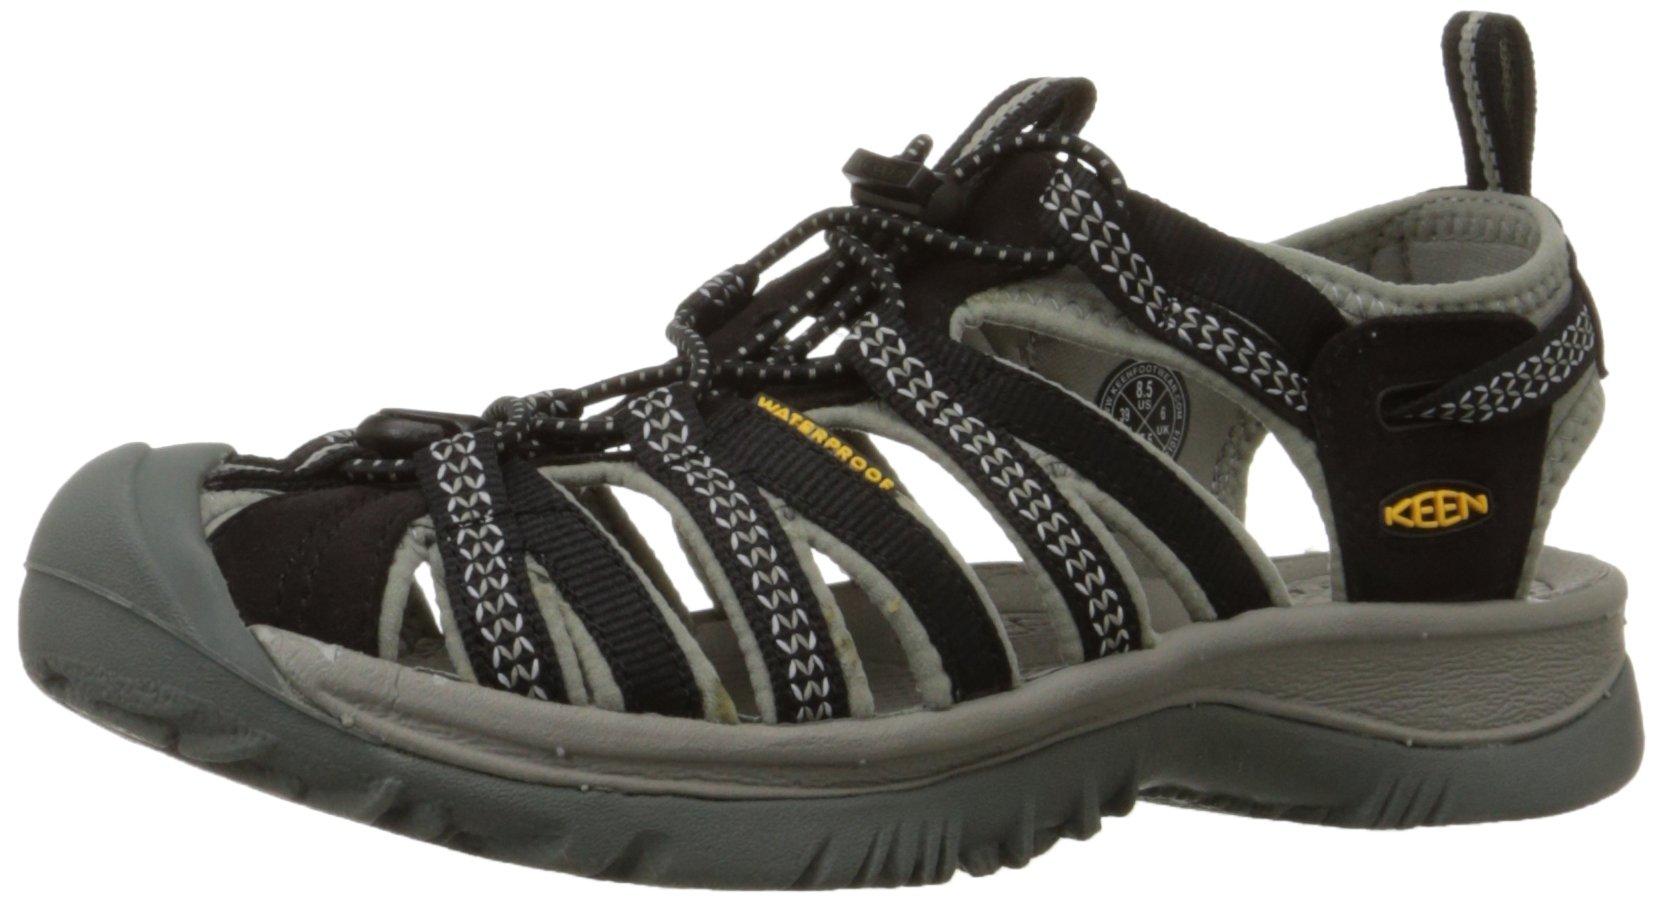 d4bd9ebf5736 KEEN Women s Whisper Sandal - 1003713   Sport Sandals   Slides ...